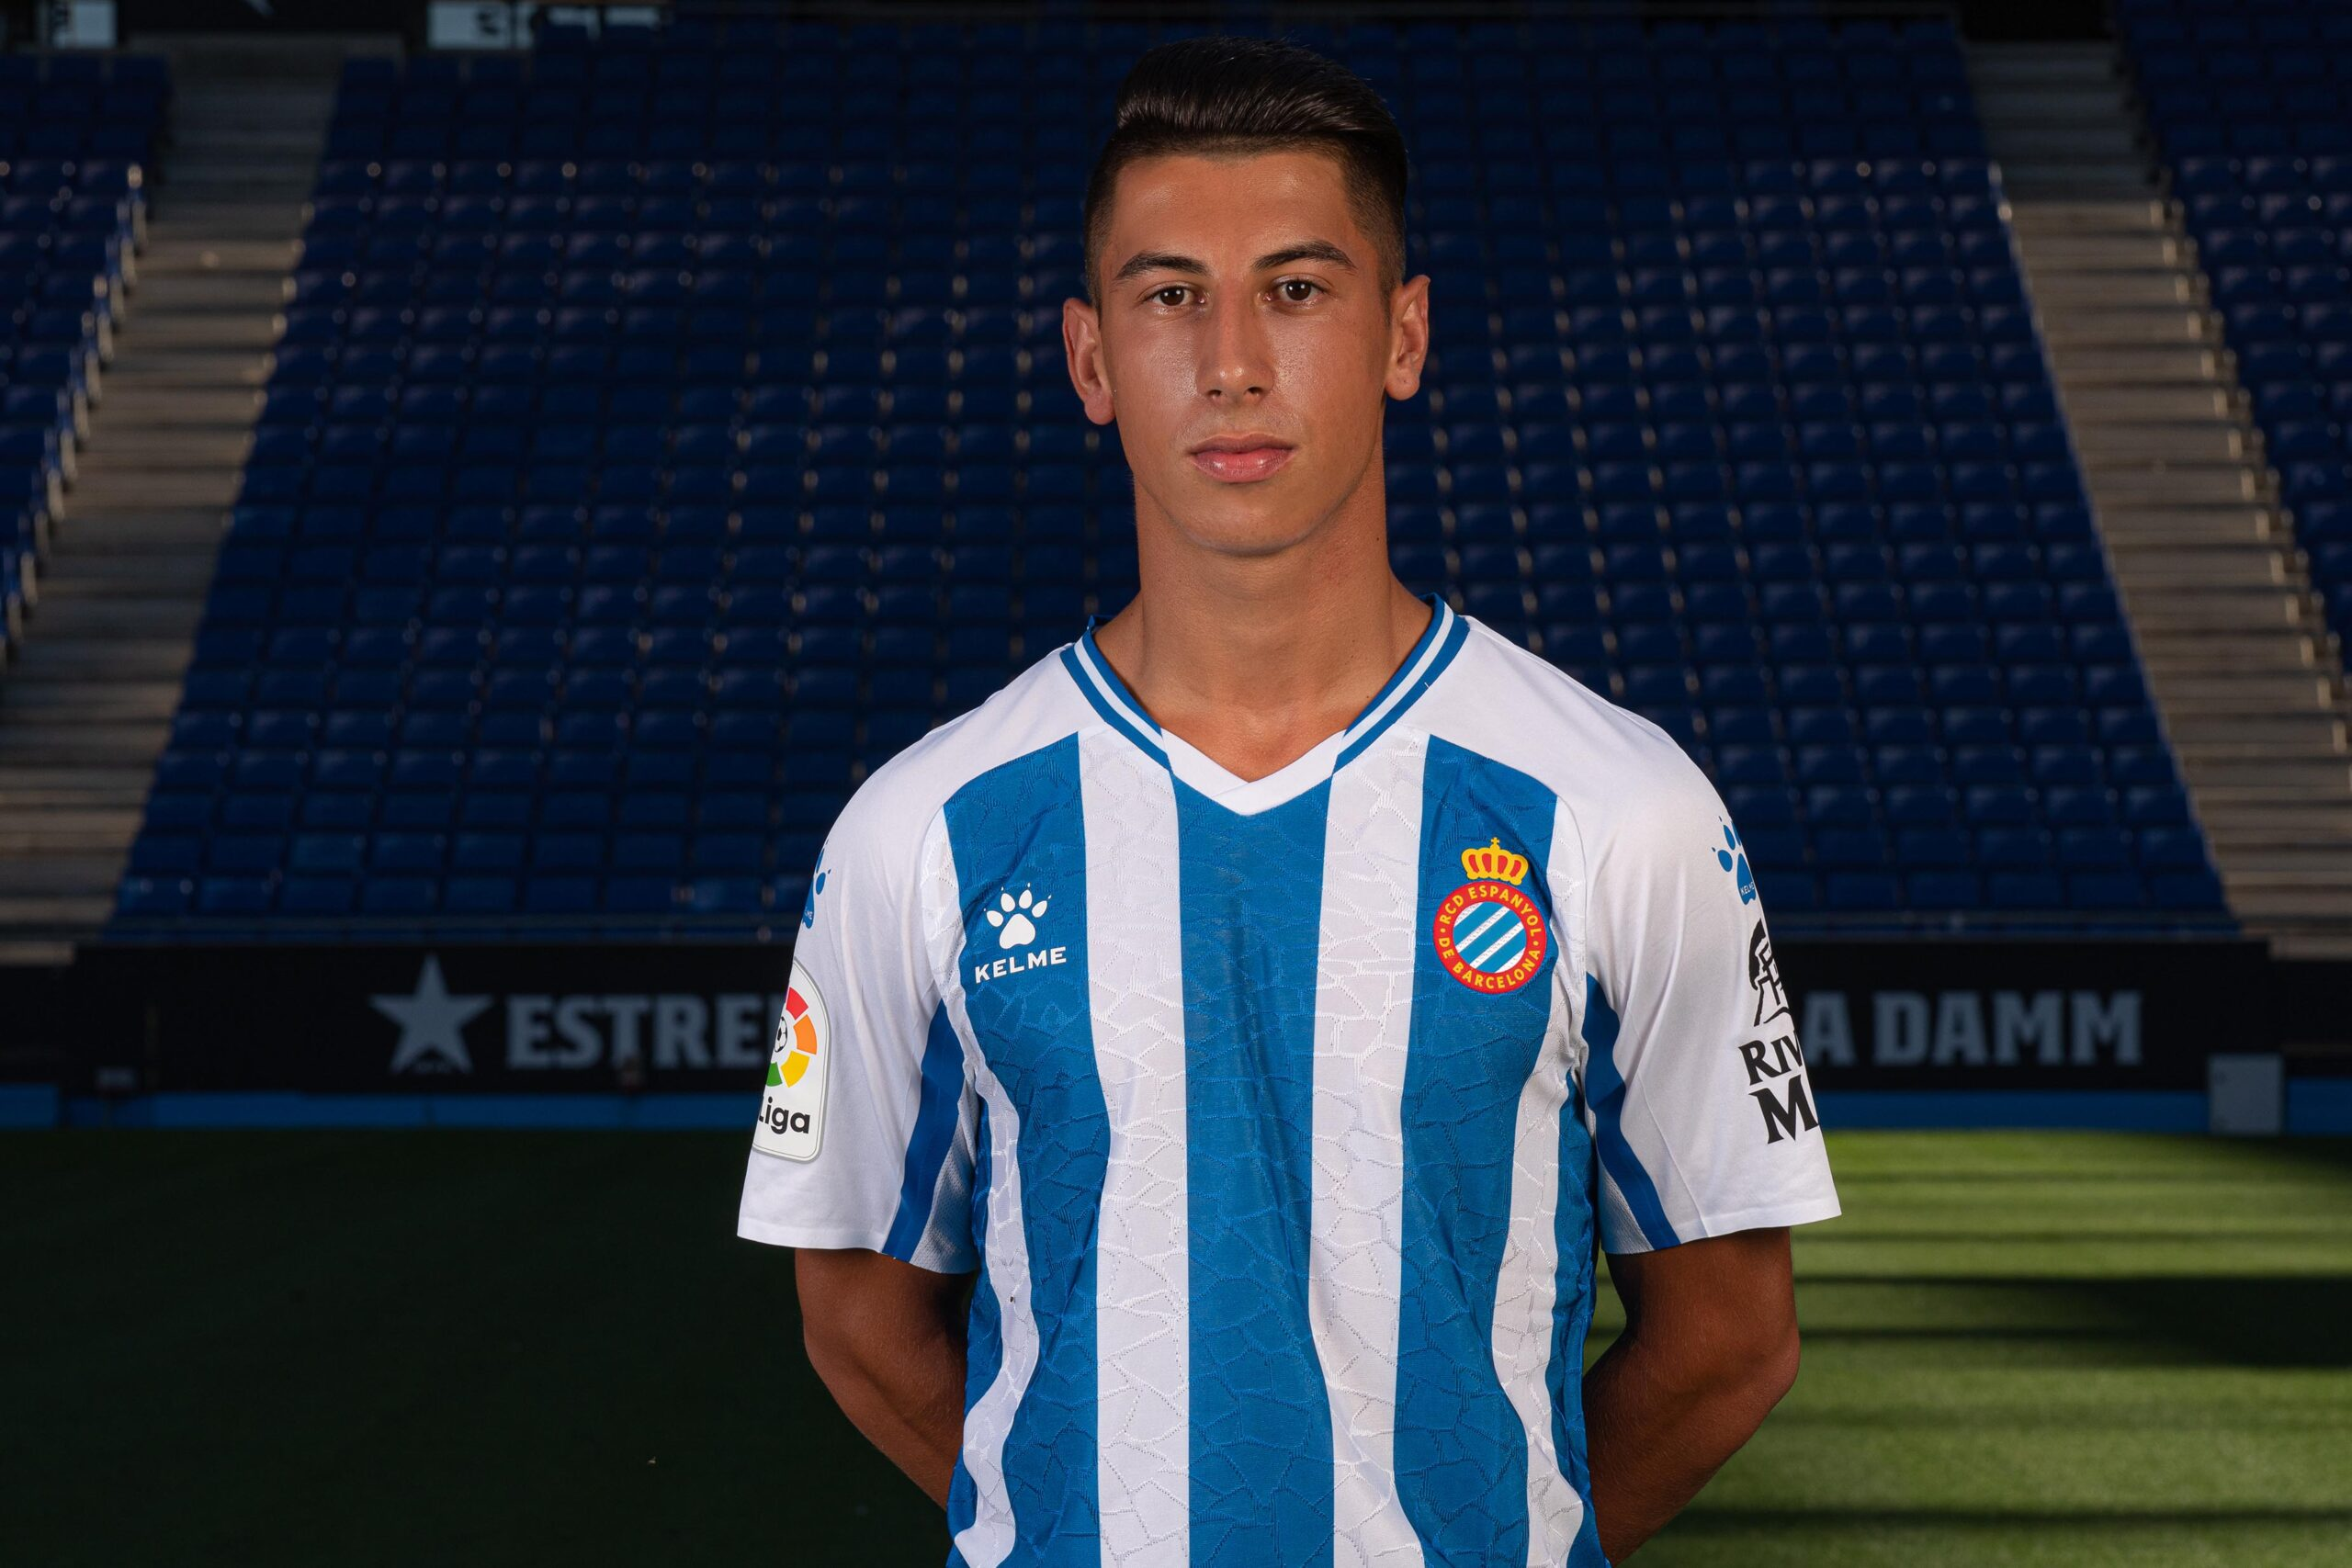 Primera samarreta de l'Espanyol per a la temporada vinent | @RCDEspanyol